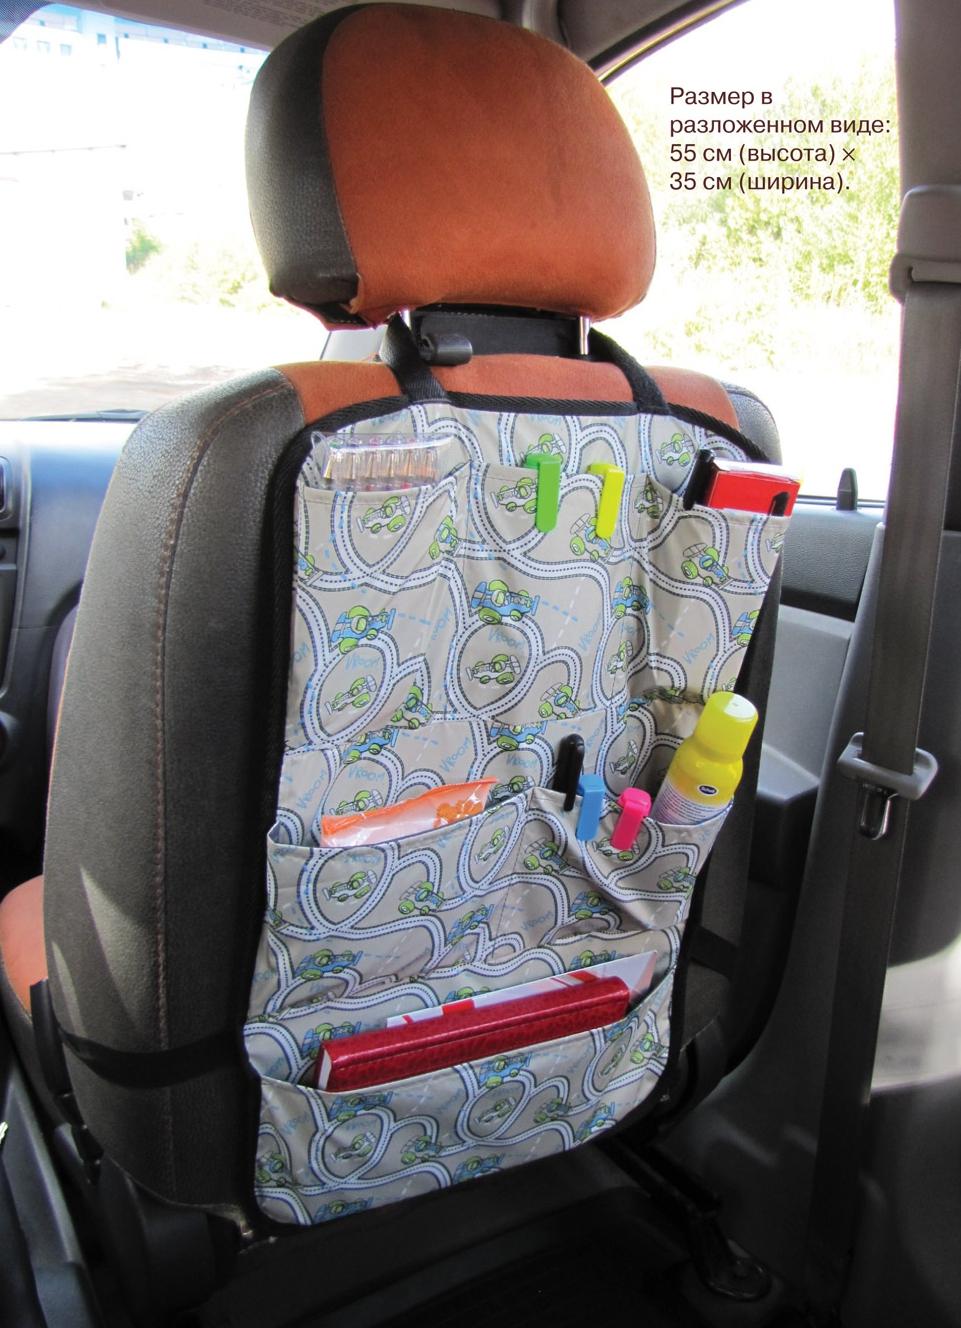 Аксессуары для колясок и автокресел Фэст Органайзер в автомобиль путешествие с ребенком фэст органайзер в автомобиль